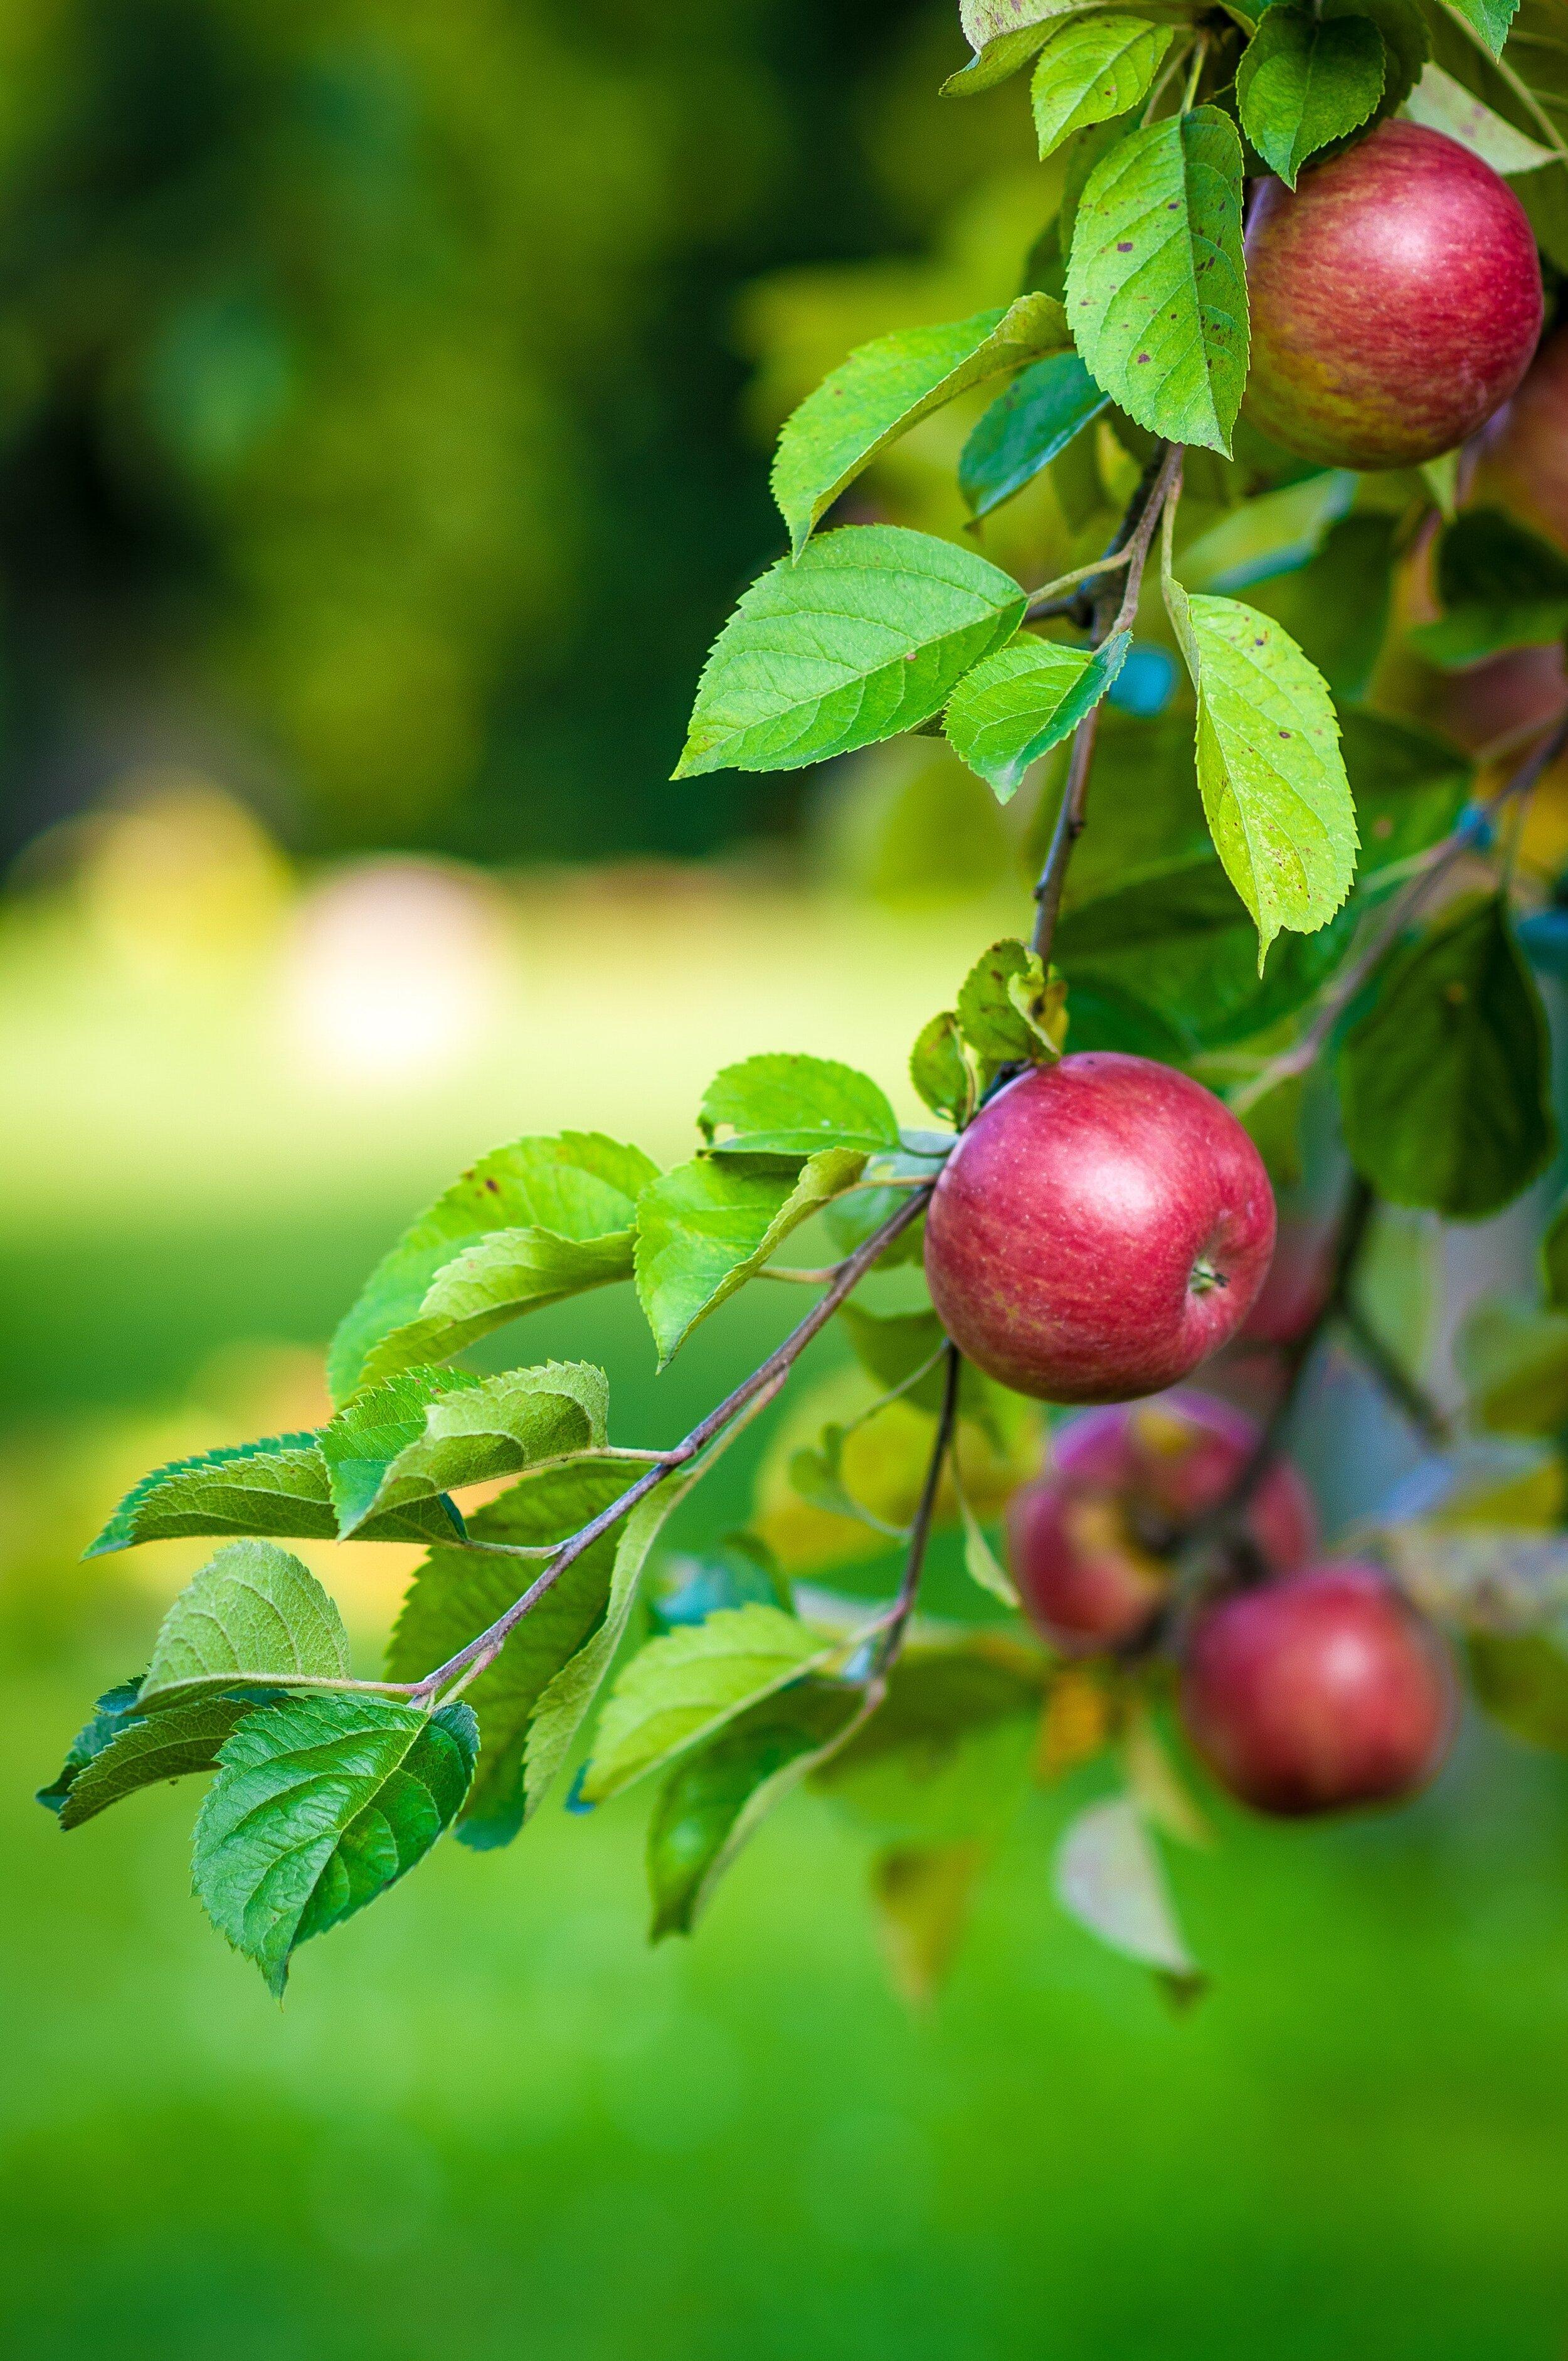 apples on tree.jpg